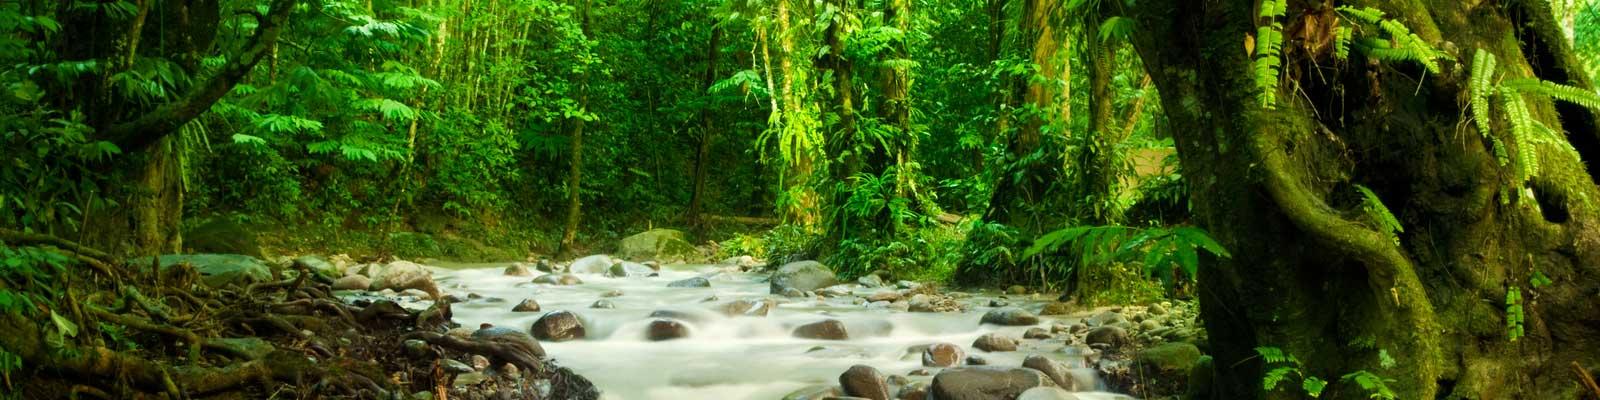 Costa Rica Compre Sua Casa Perto Das Belezas Naturais. Residencial, Comercial, Terrenos. A venda, ou para Alugar.